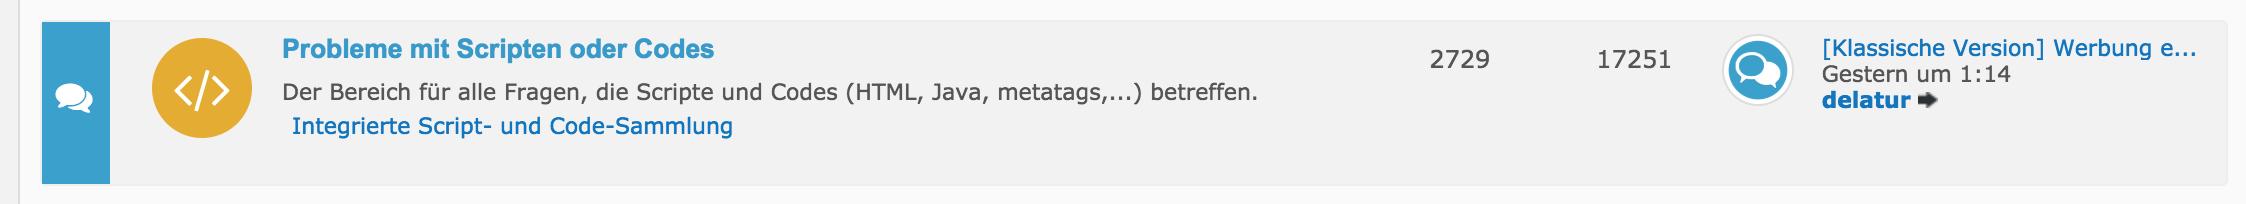 Index zeigt falschen Beitrag als neuesten Beitrag an Screenshot2018-07-04am7sof